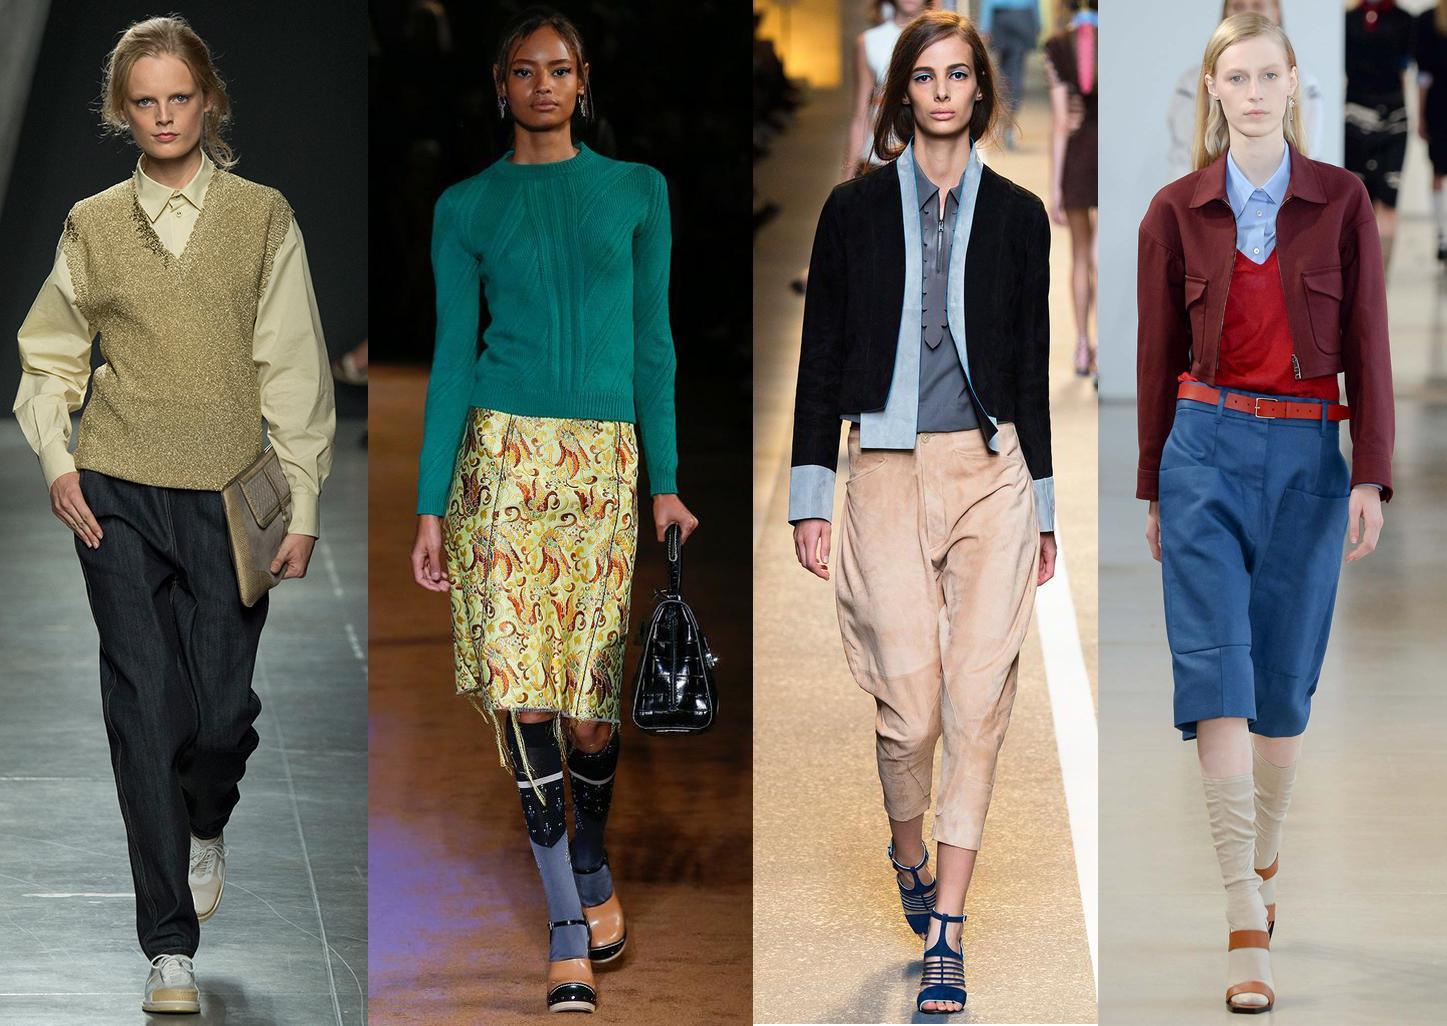 Неделя моды в Милане: 5 главных тенденций - фото №4